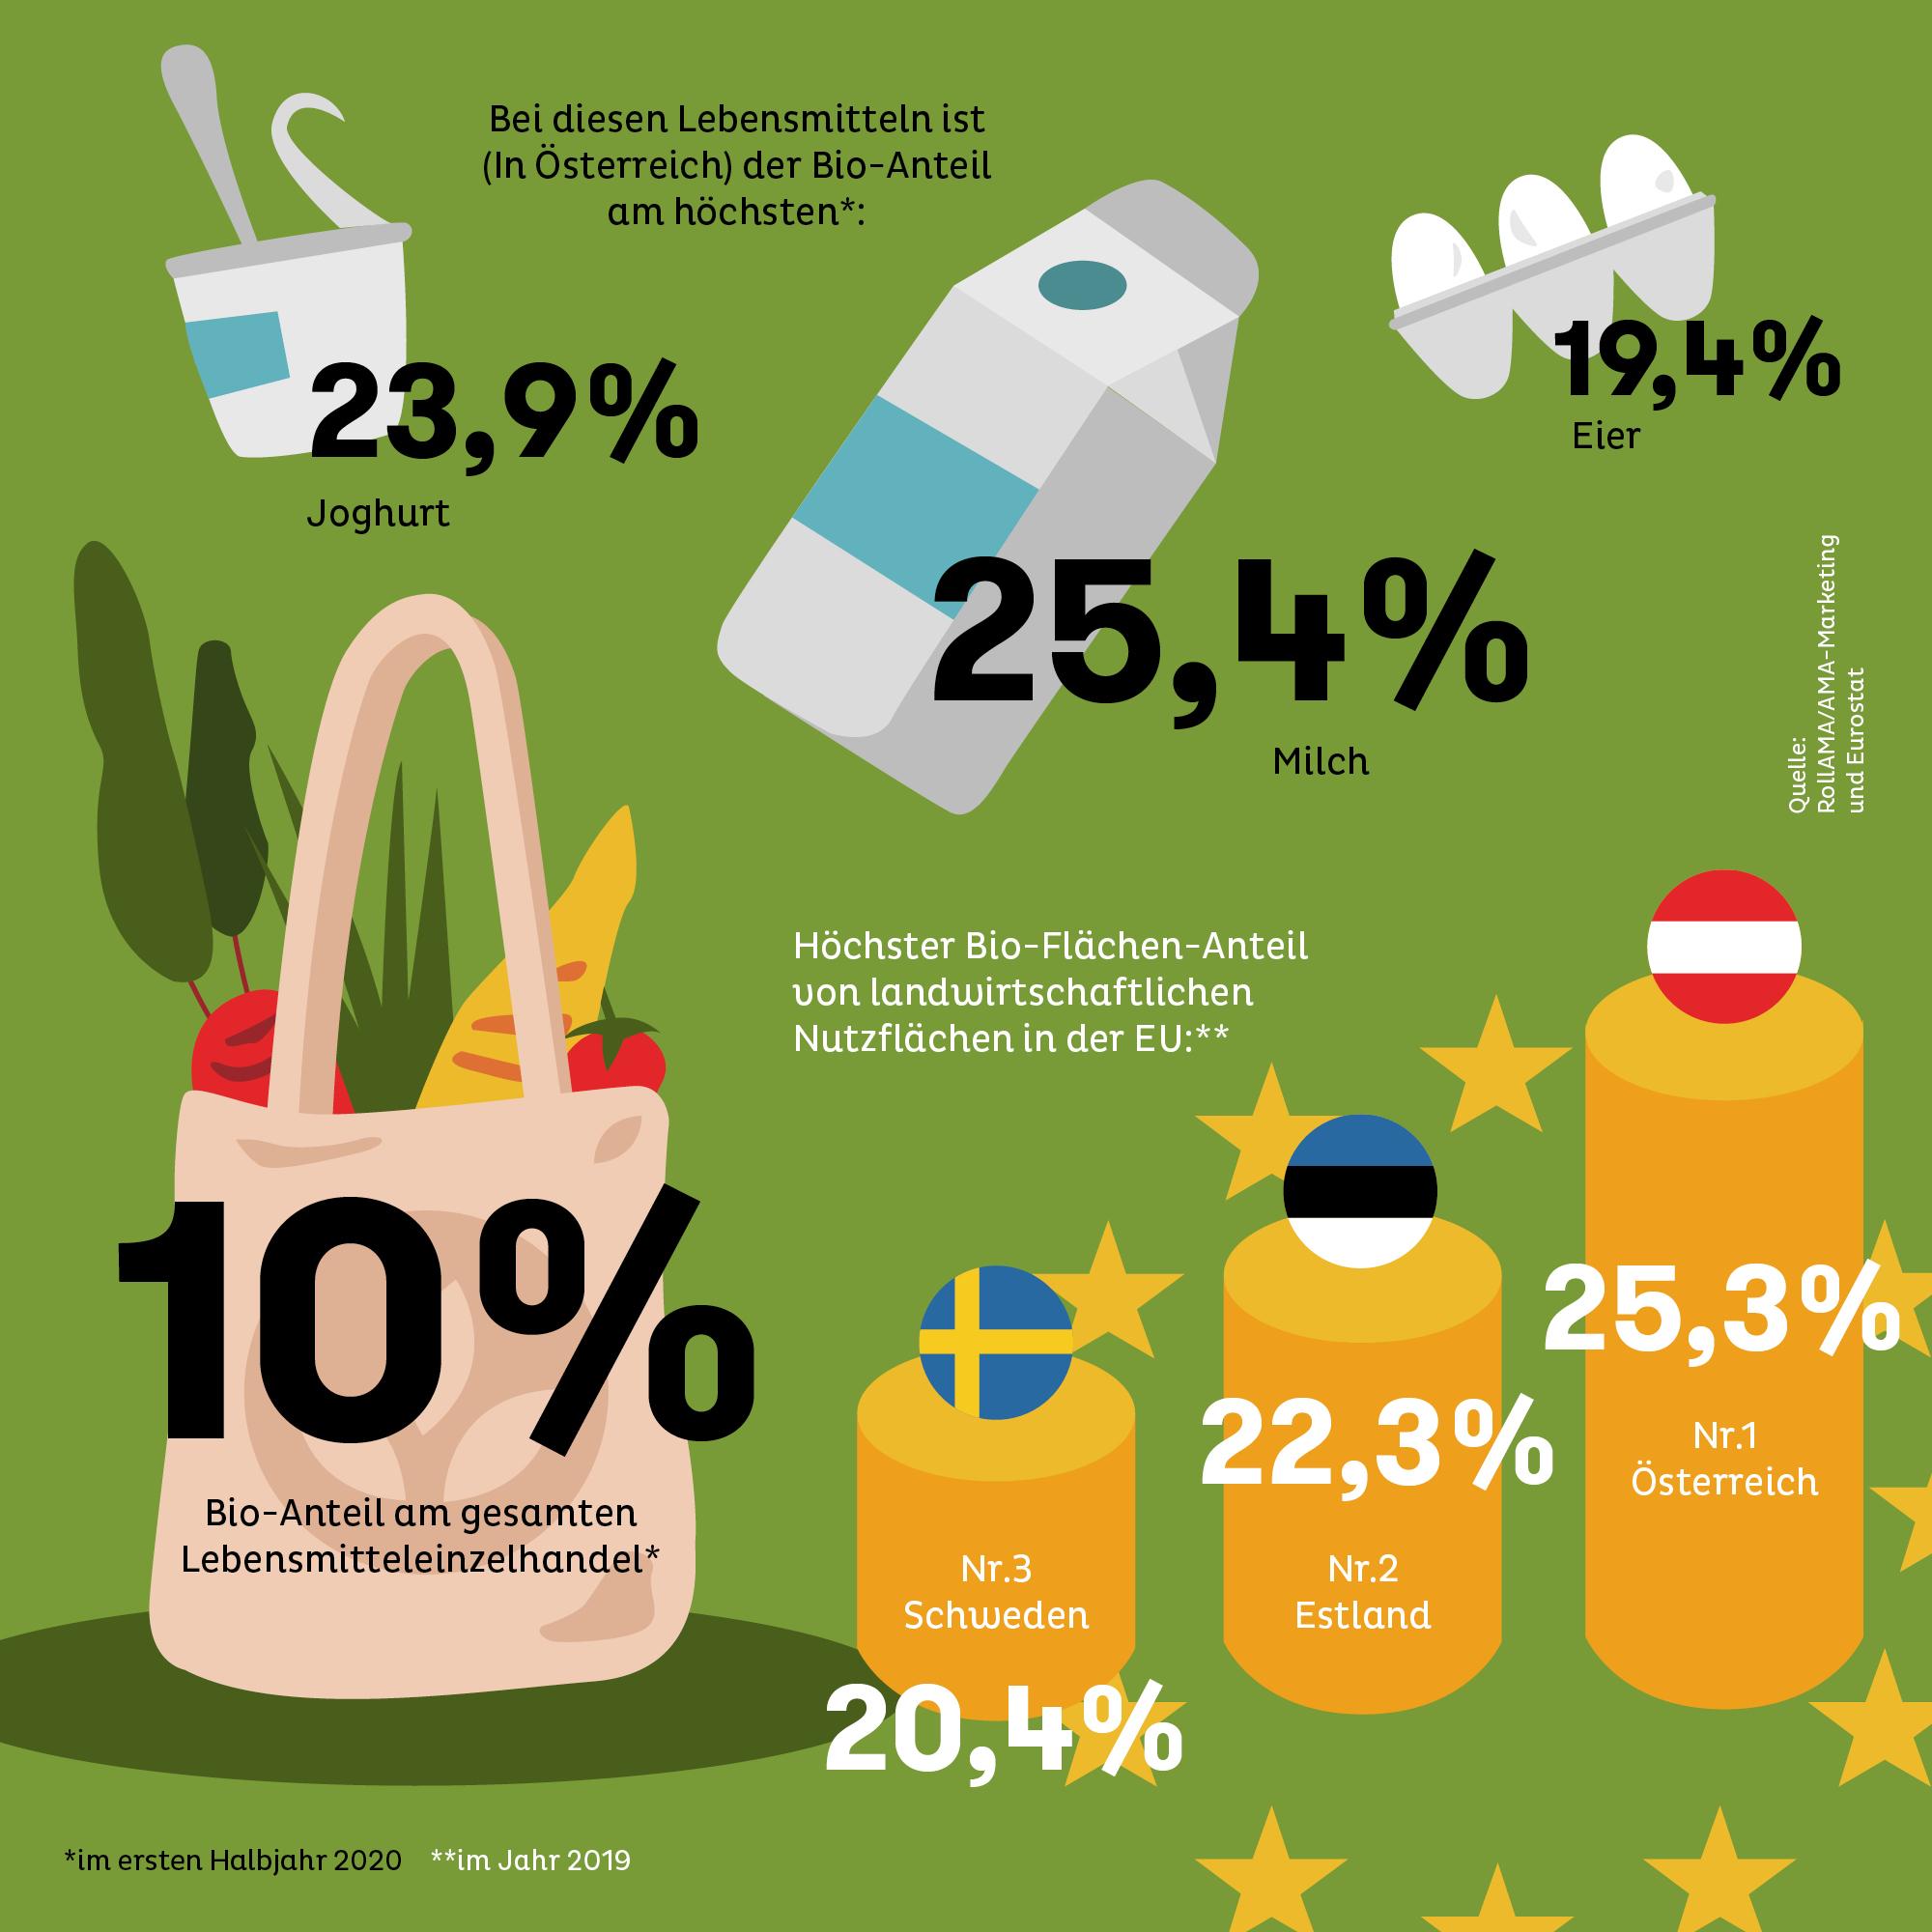 Bio-Anteil: Lebensmitteln und Anbaufläche